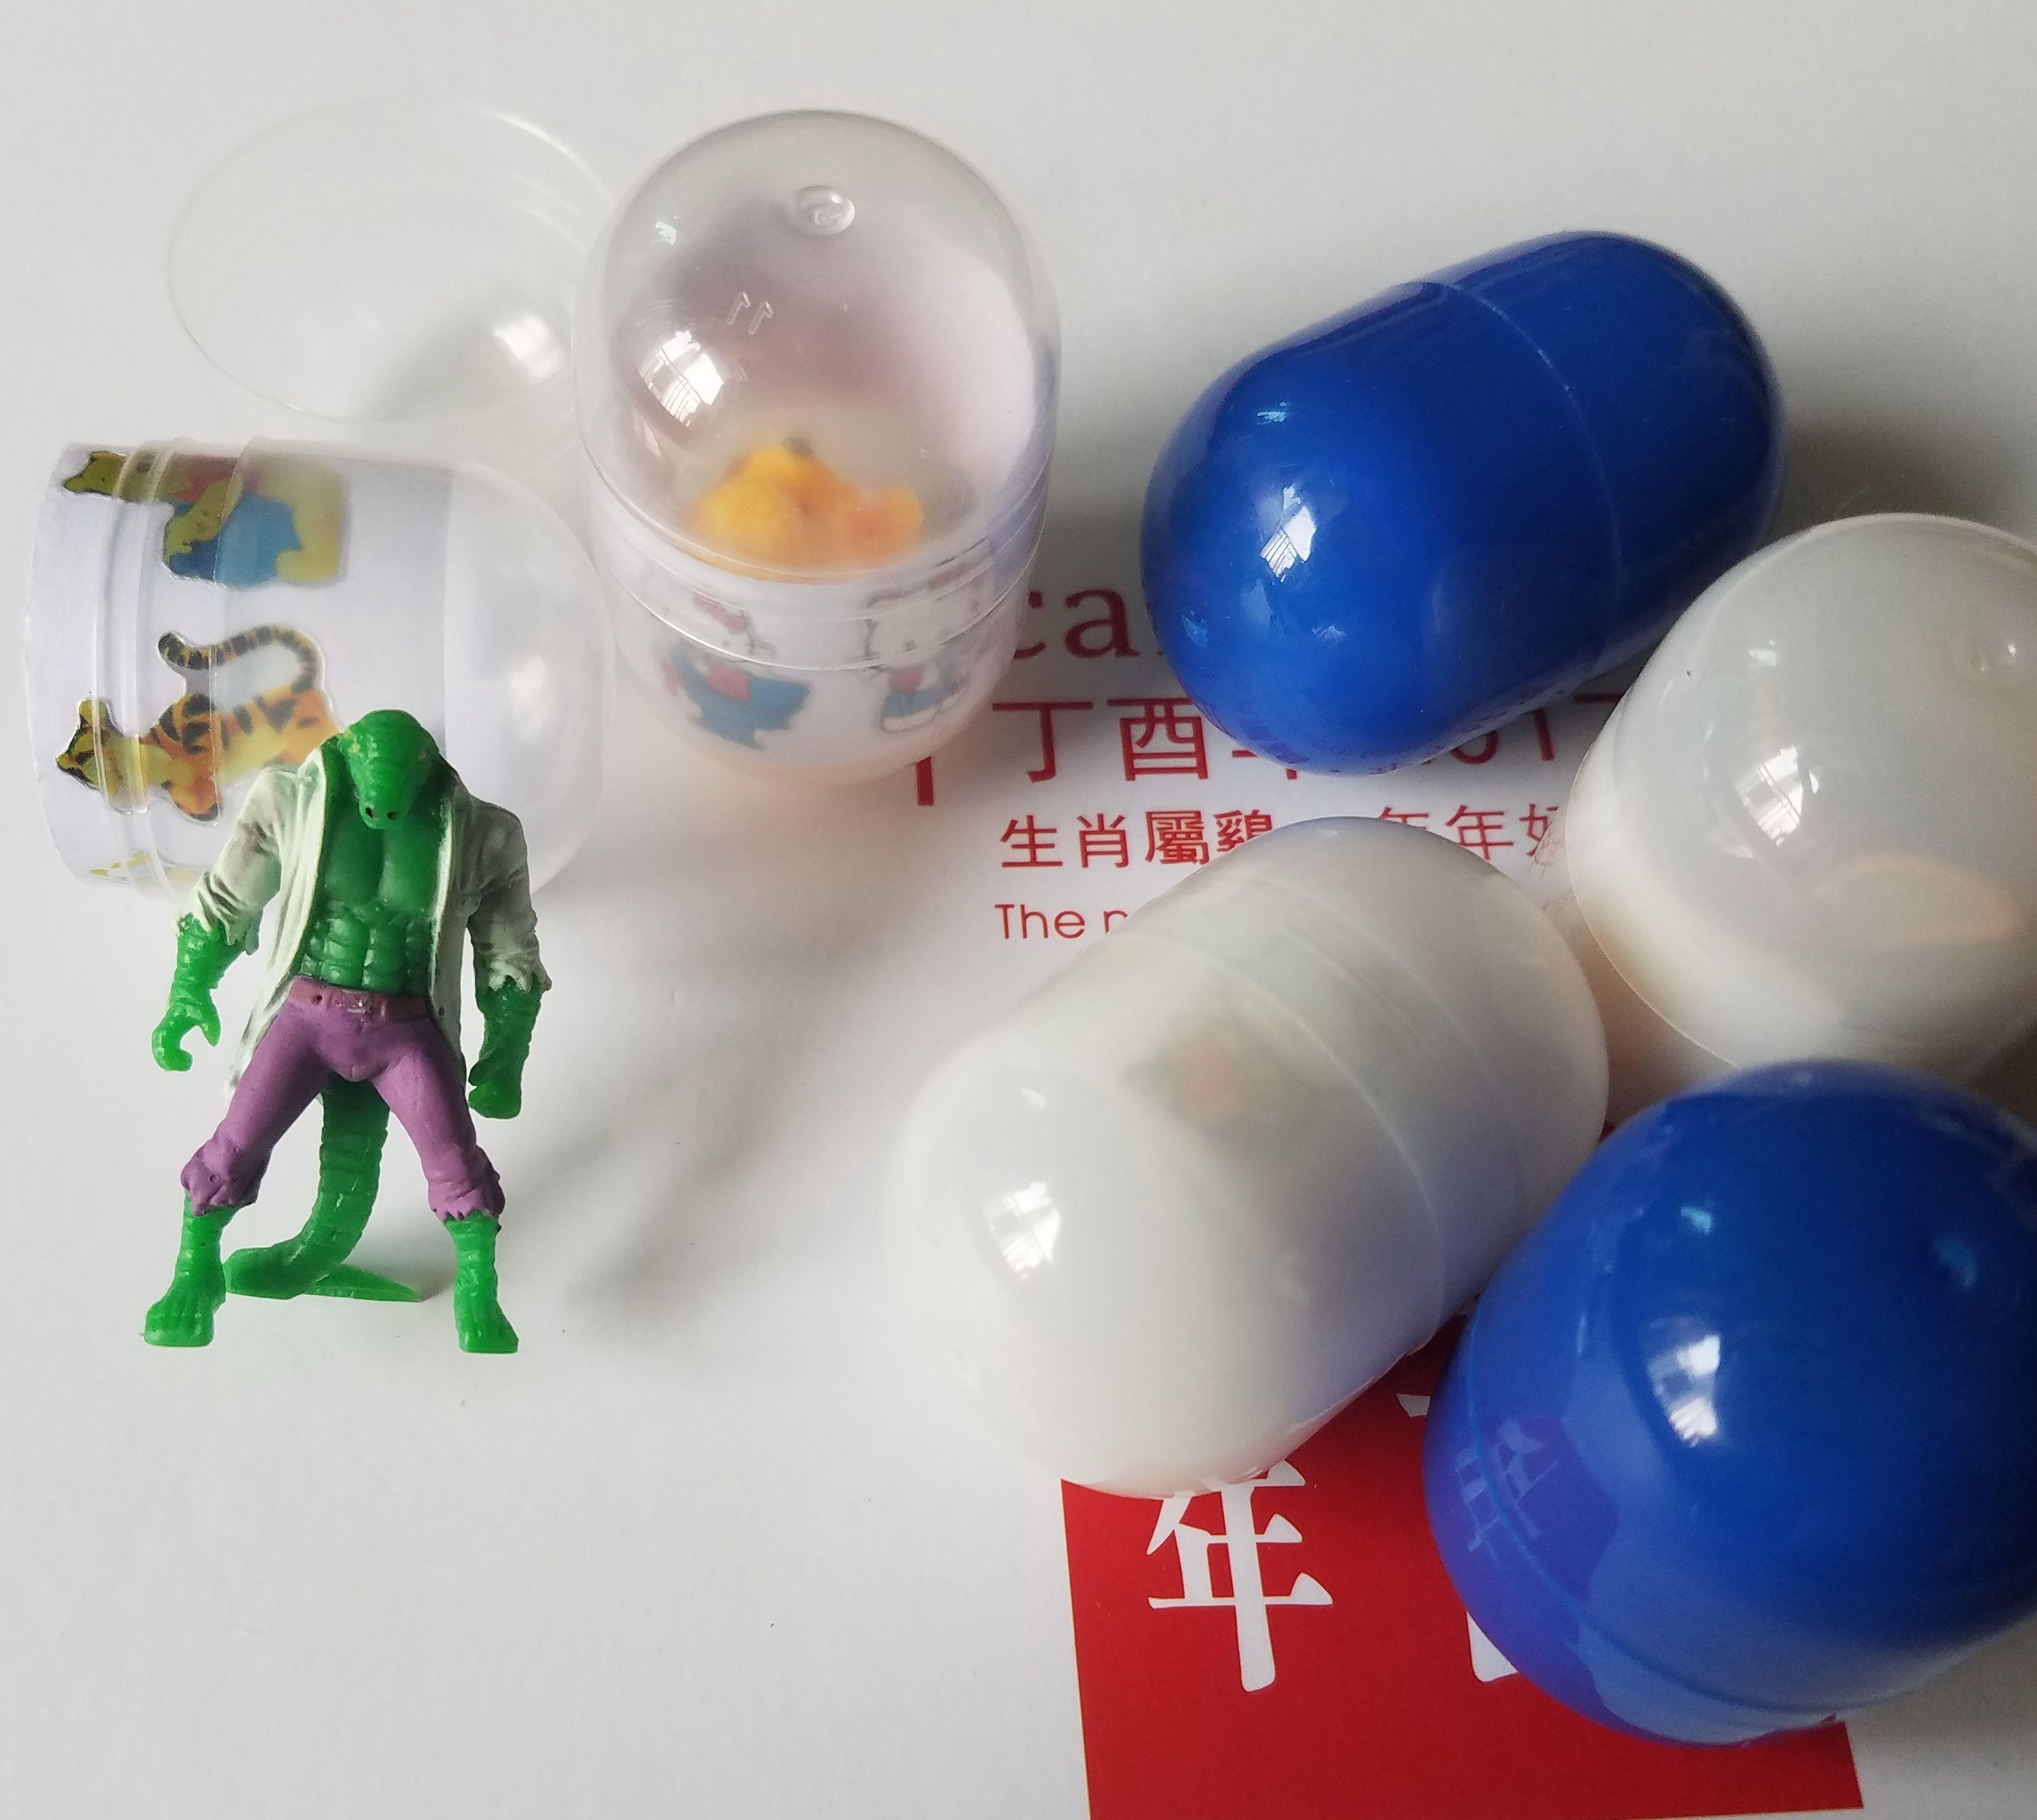 Бесплатная доставка 3,2 * 4.7cm капсулы игрушки фигурку подарок промотирования мини-игрушки животных украшения для детей смешивать элементы